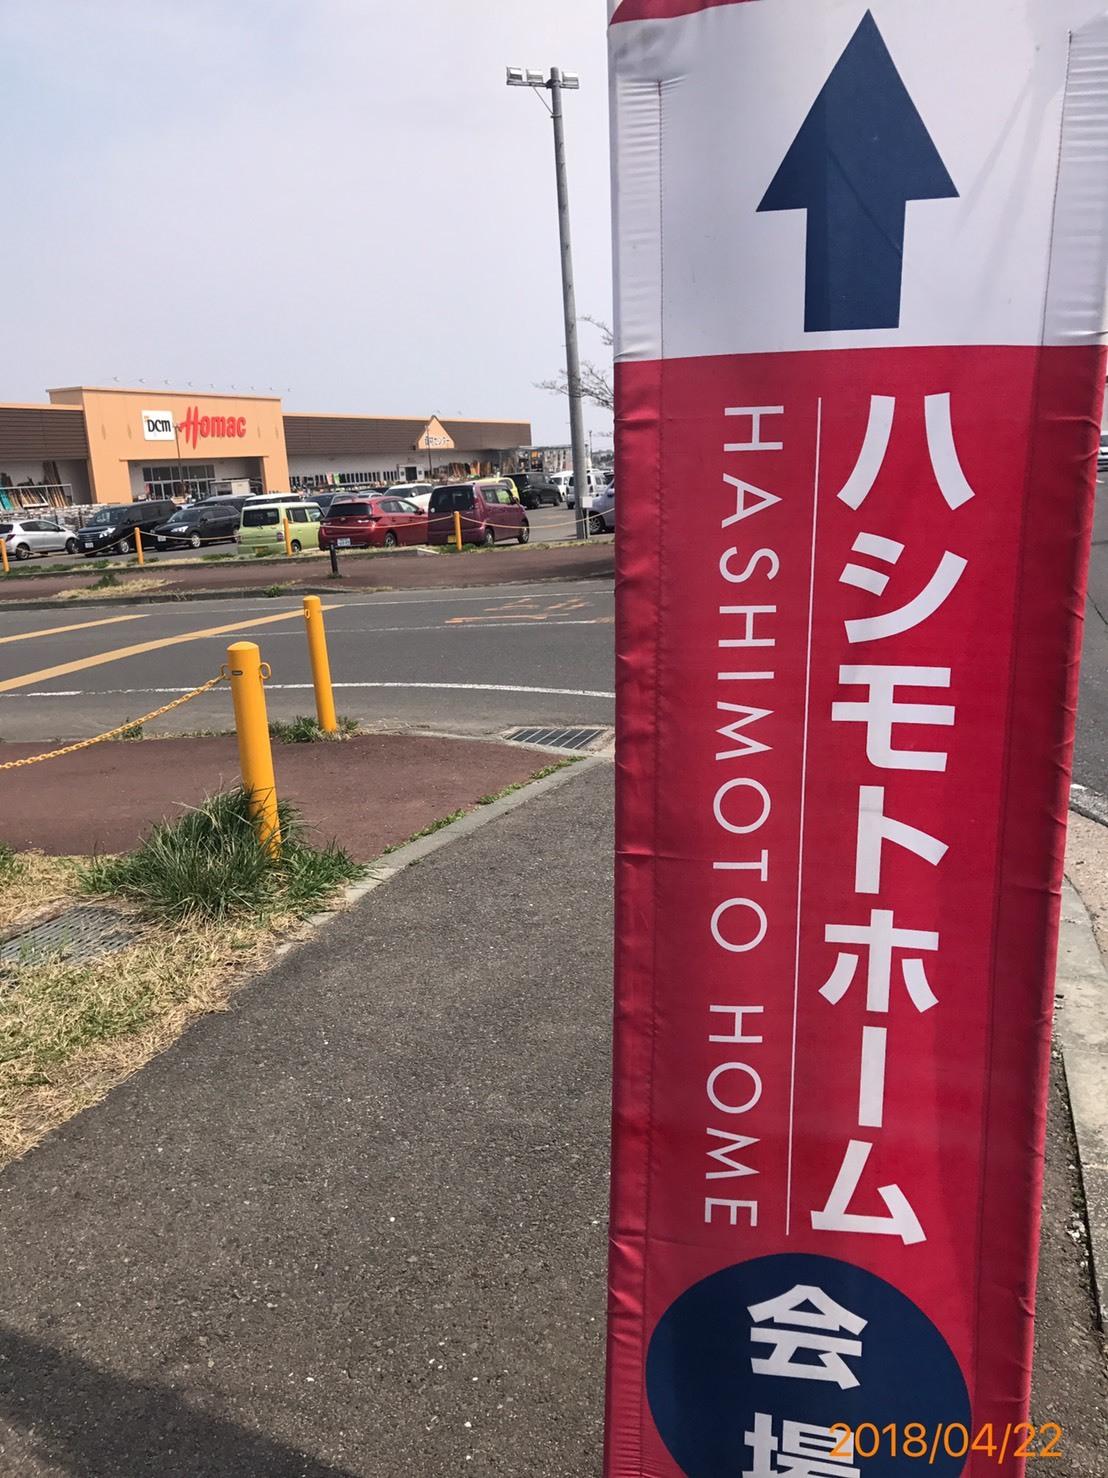 ハシモトホーム違法看板条令違反、罰金30万円対象_b0183351_06054480.jpg